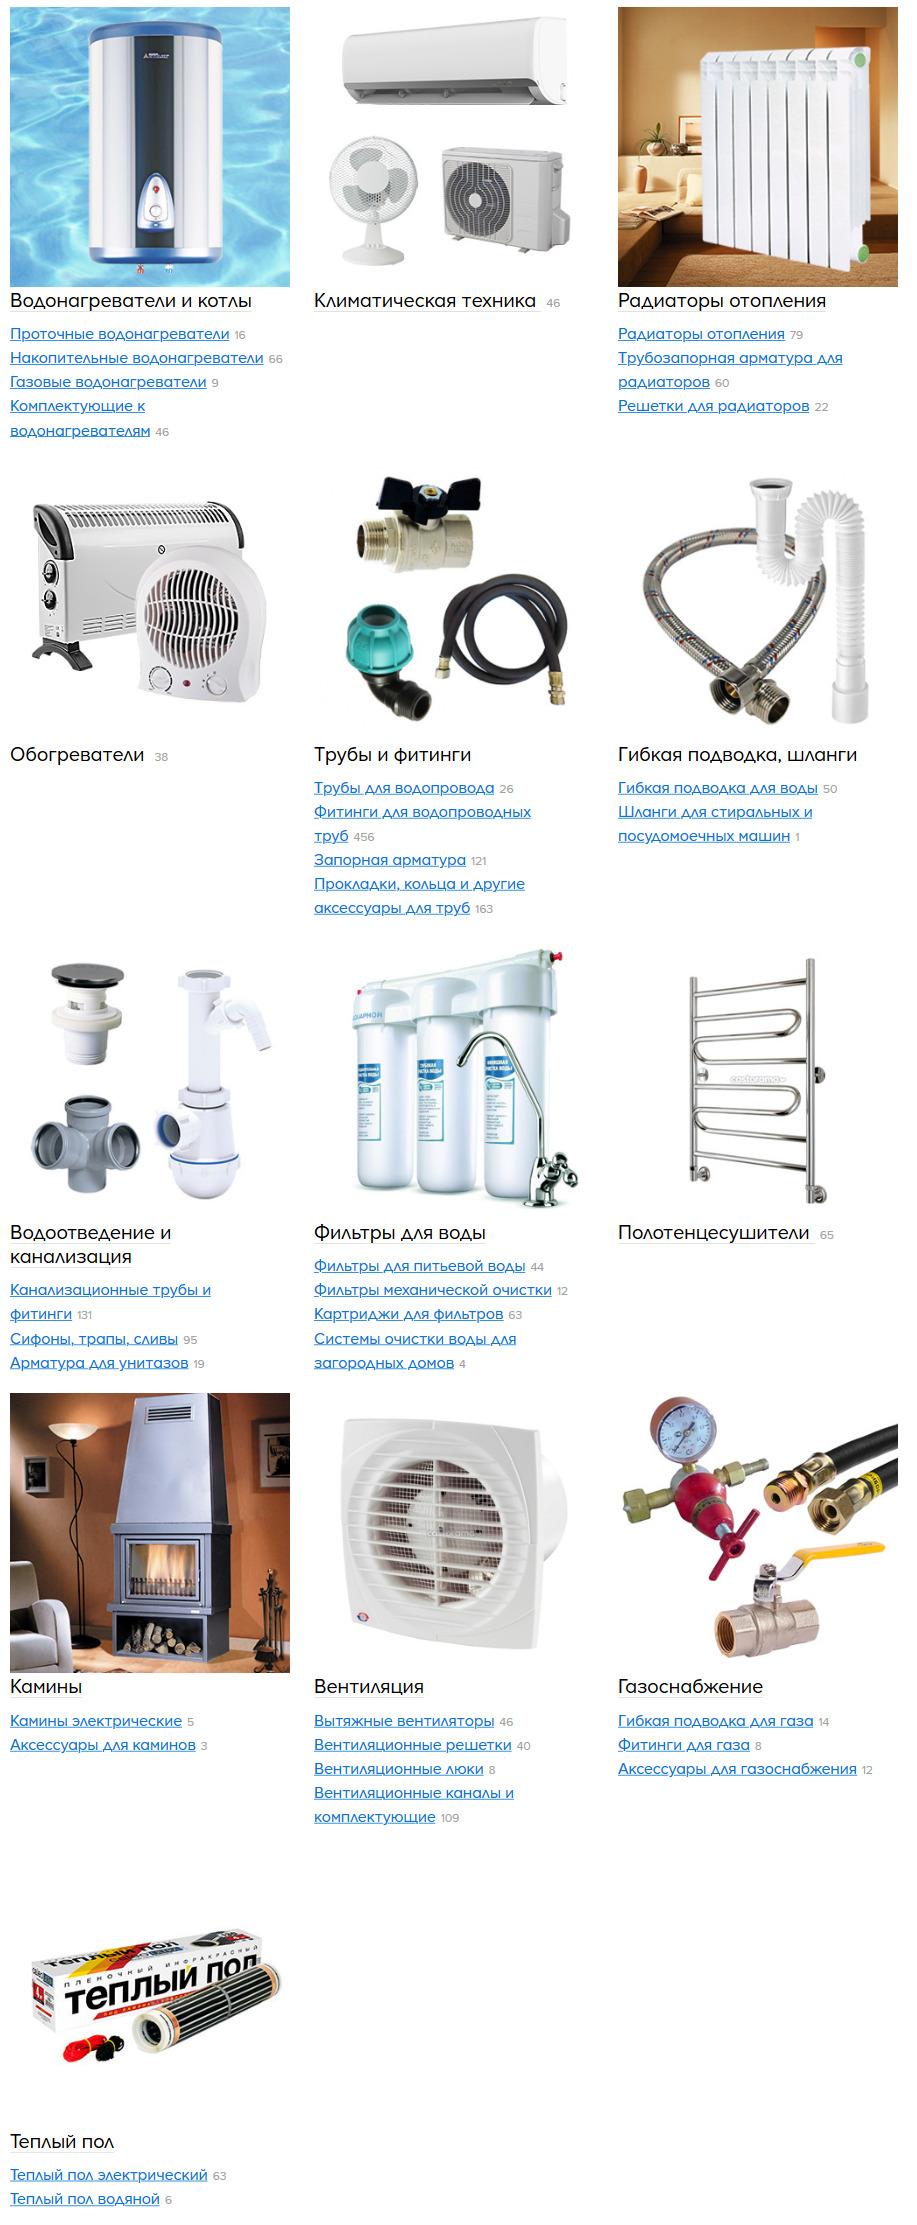 Отопление, охлаждение, водоснабжение и вентиляция